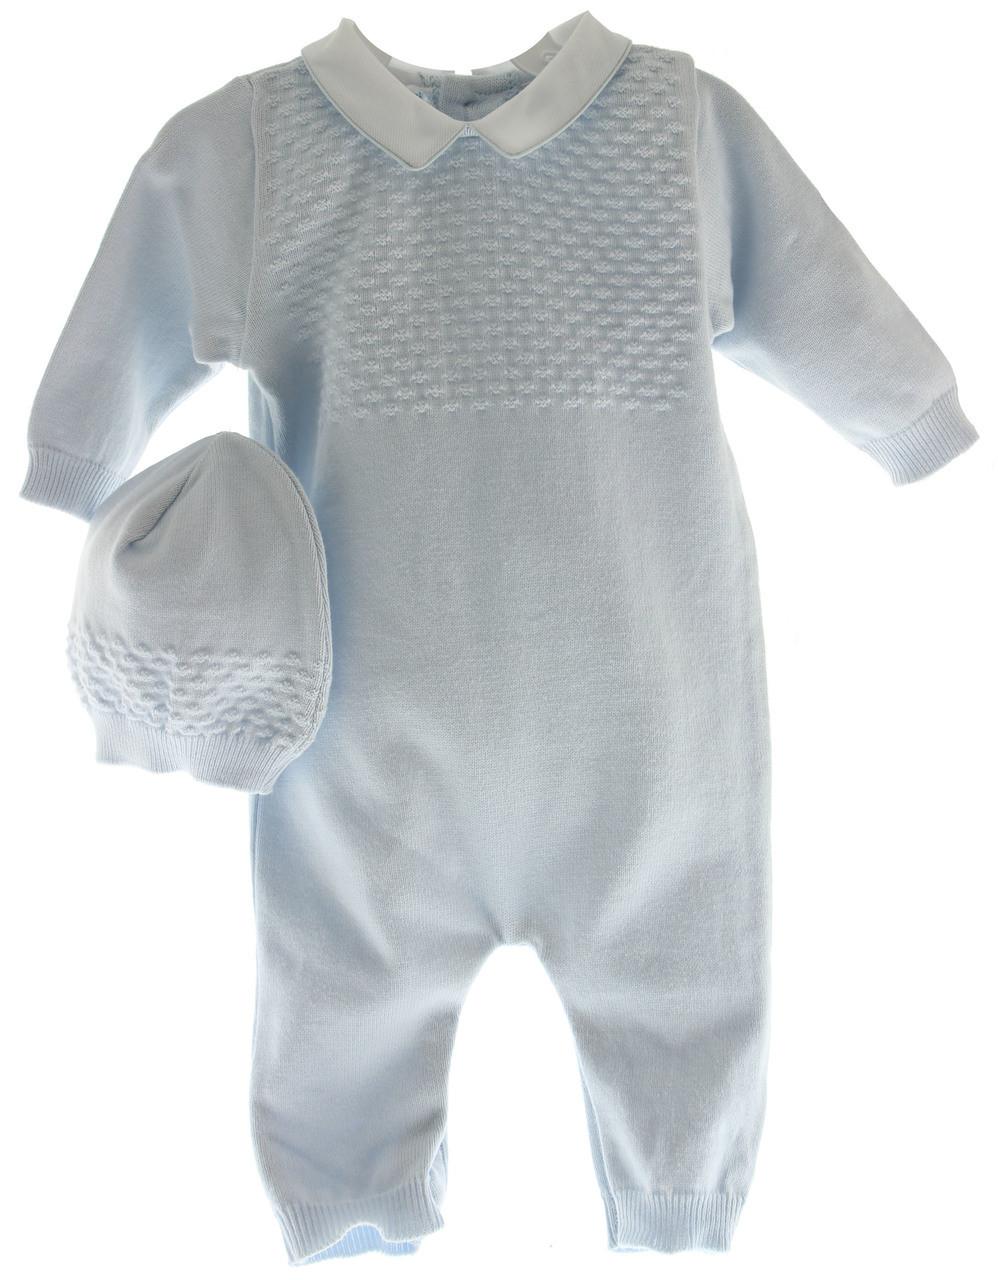 d35c4bb5b5e5 Infant Boys Blue Knit Long Romper with Hat Layette Set